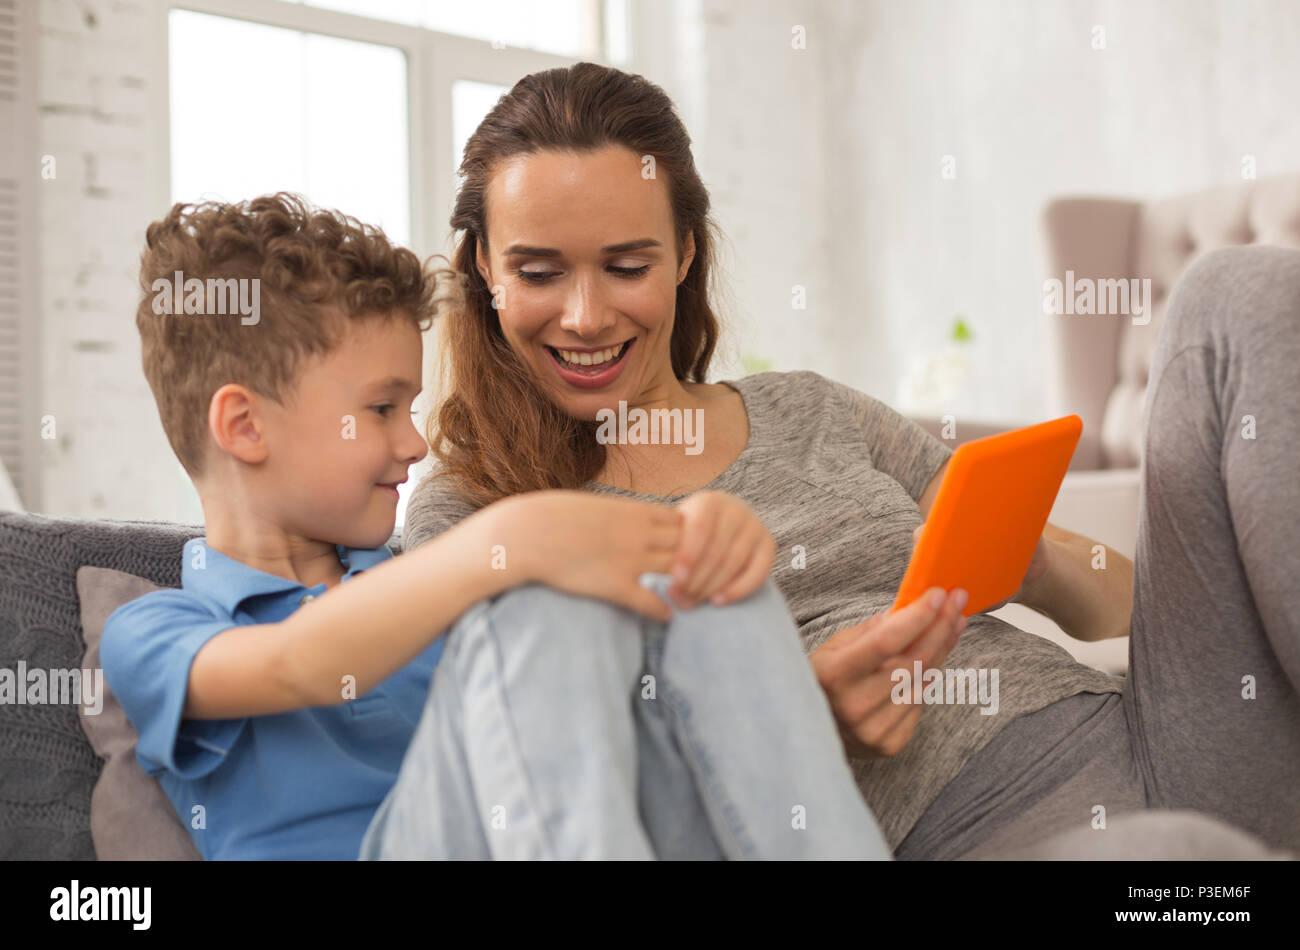 Riendo madre sonriente mientras contar chistes Imagen De Stock